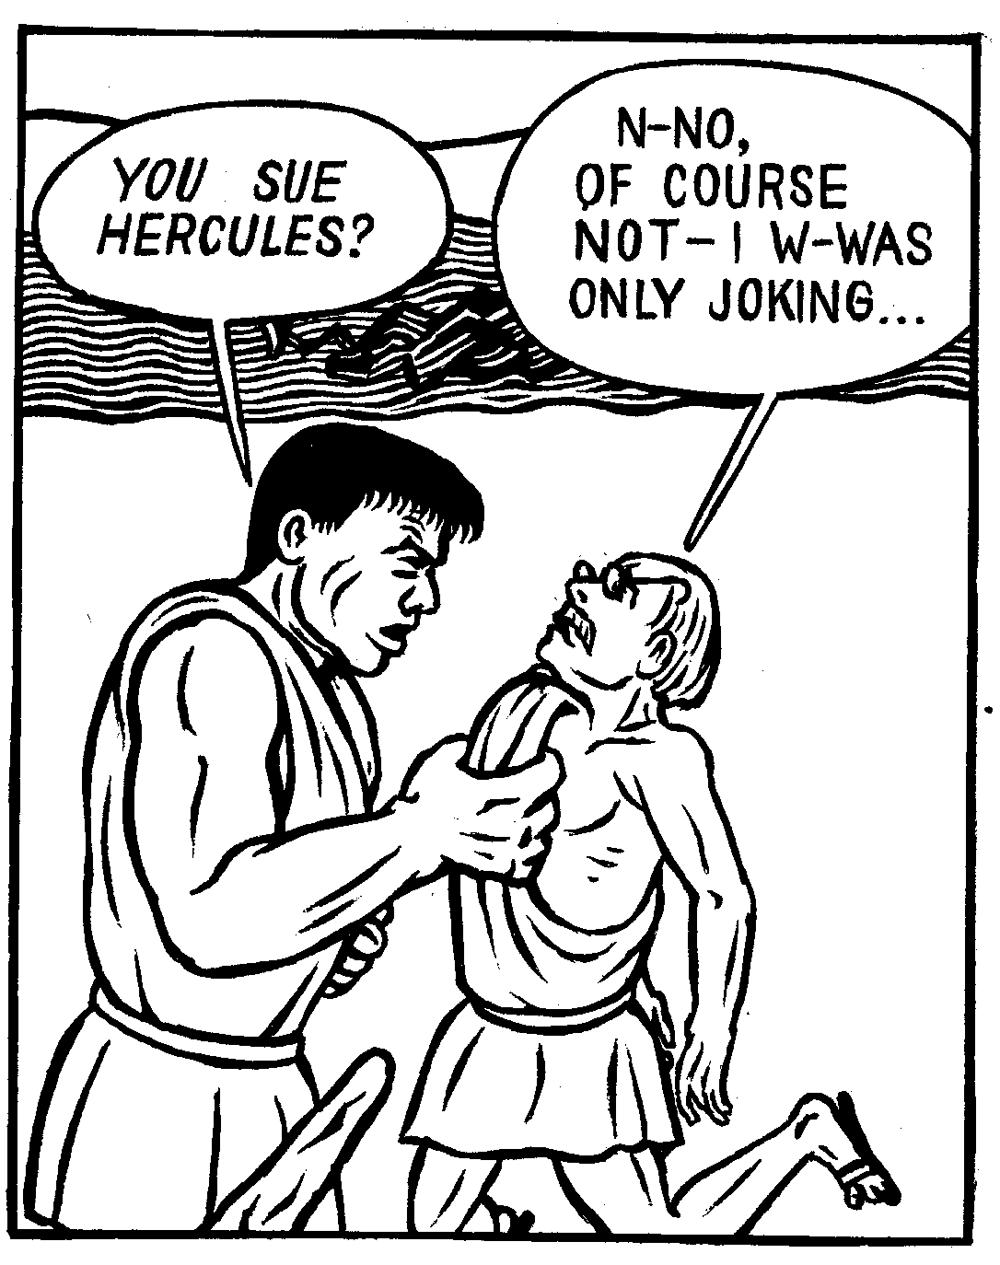 Hercules4.png